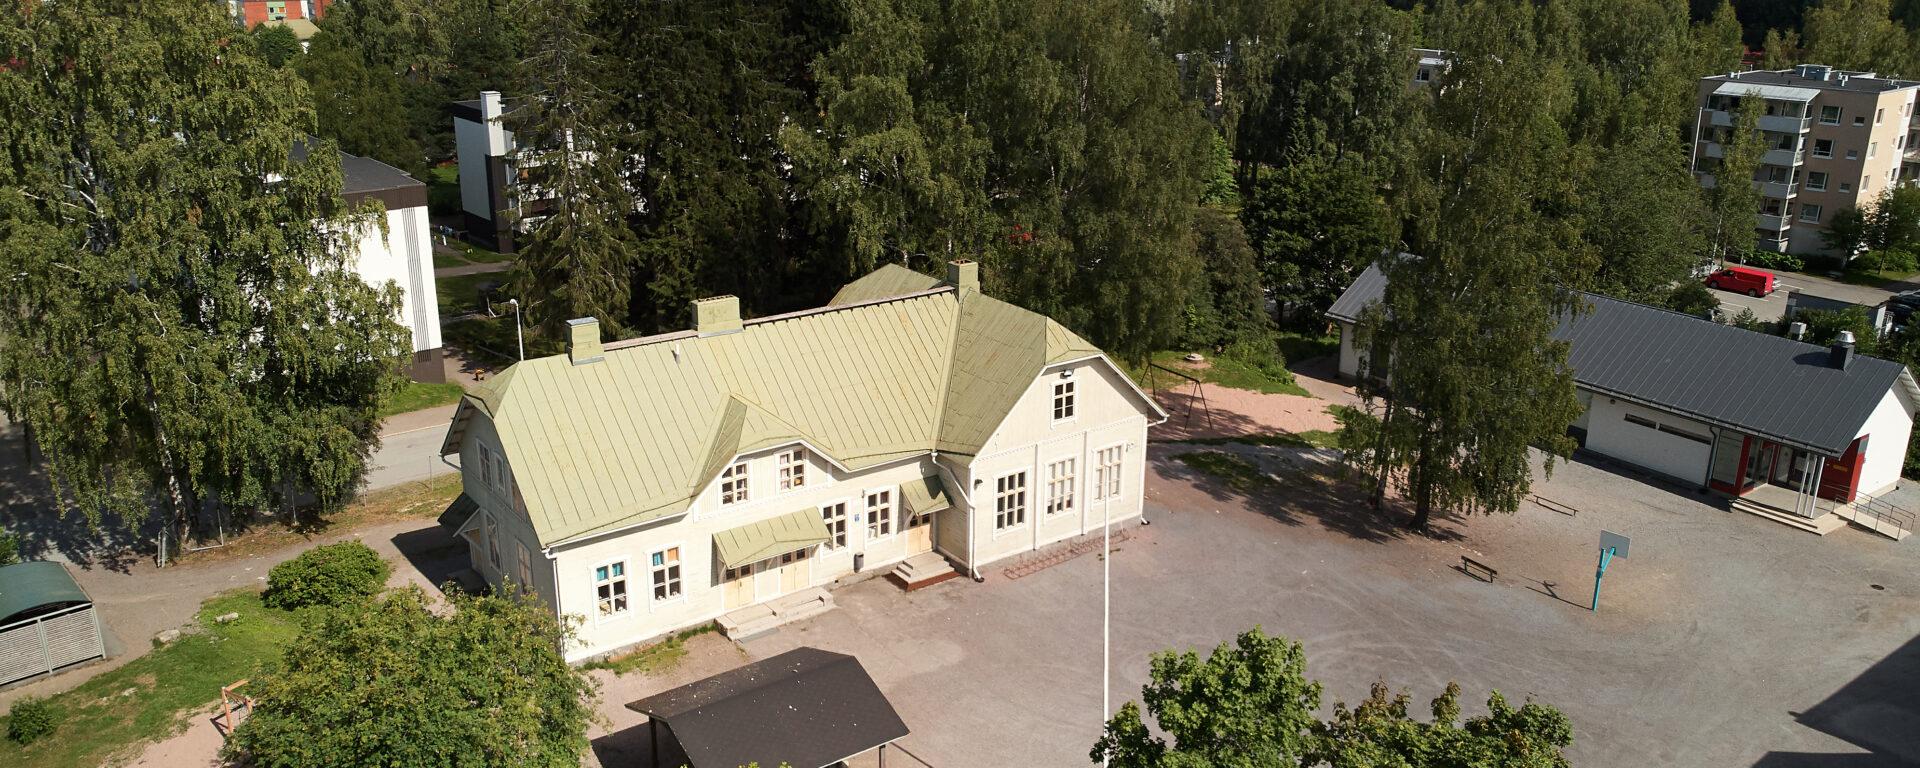 Ortelan Koulu